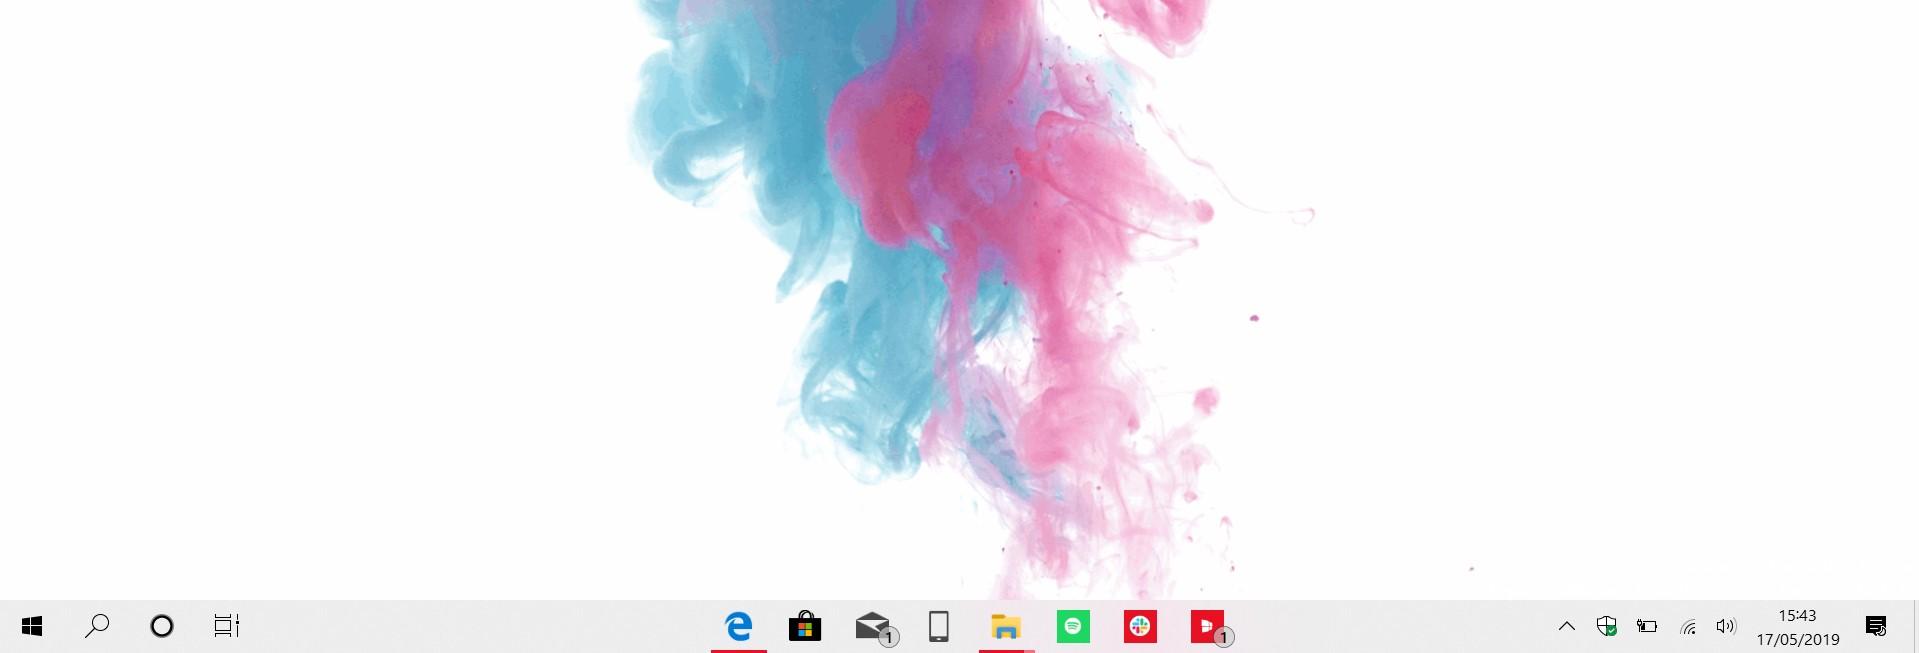 Icone centrate sulla barra delle applicazioni in Windows 10